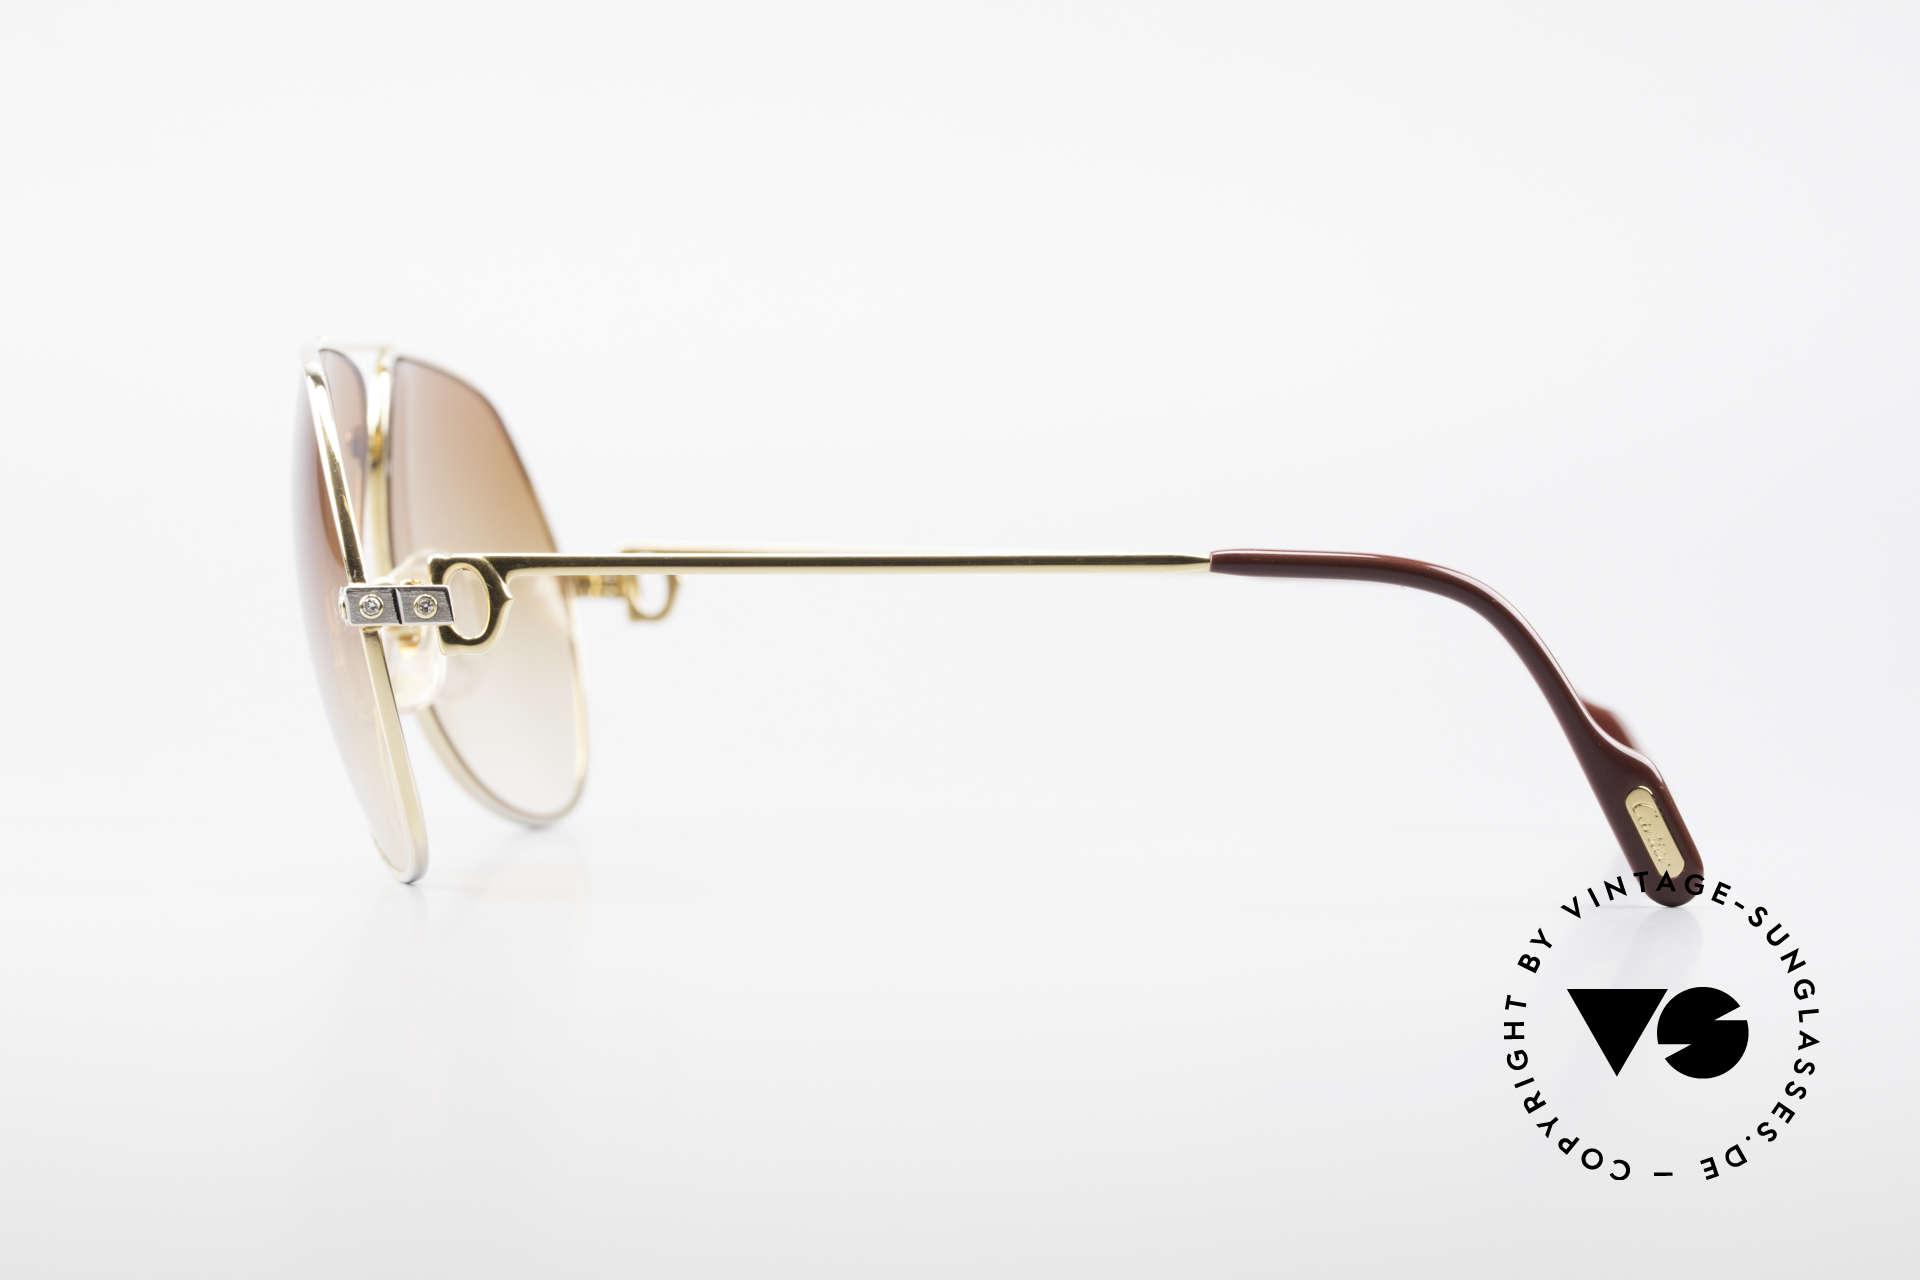 Cartier Vendome Santos - L Luxus Diamanten Sonnenbrille, zudem original Cartier Sonnengläser (mit Cartier Logo), Passend für Herren